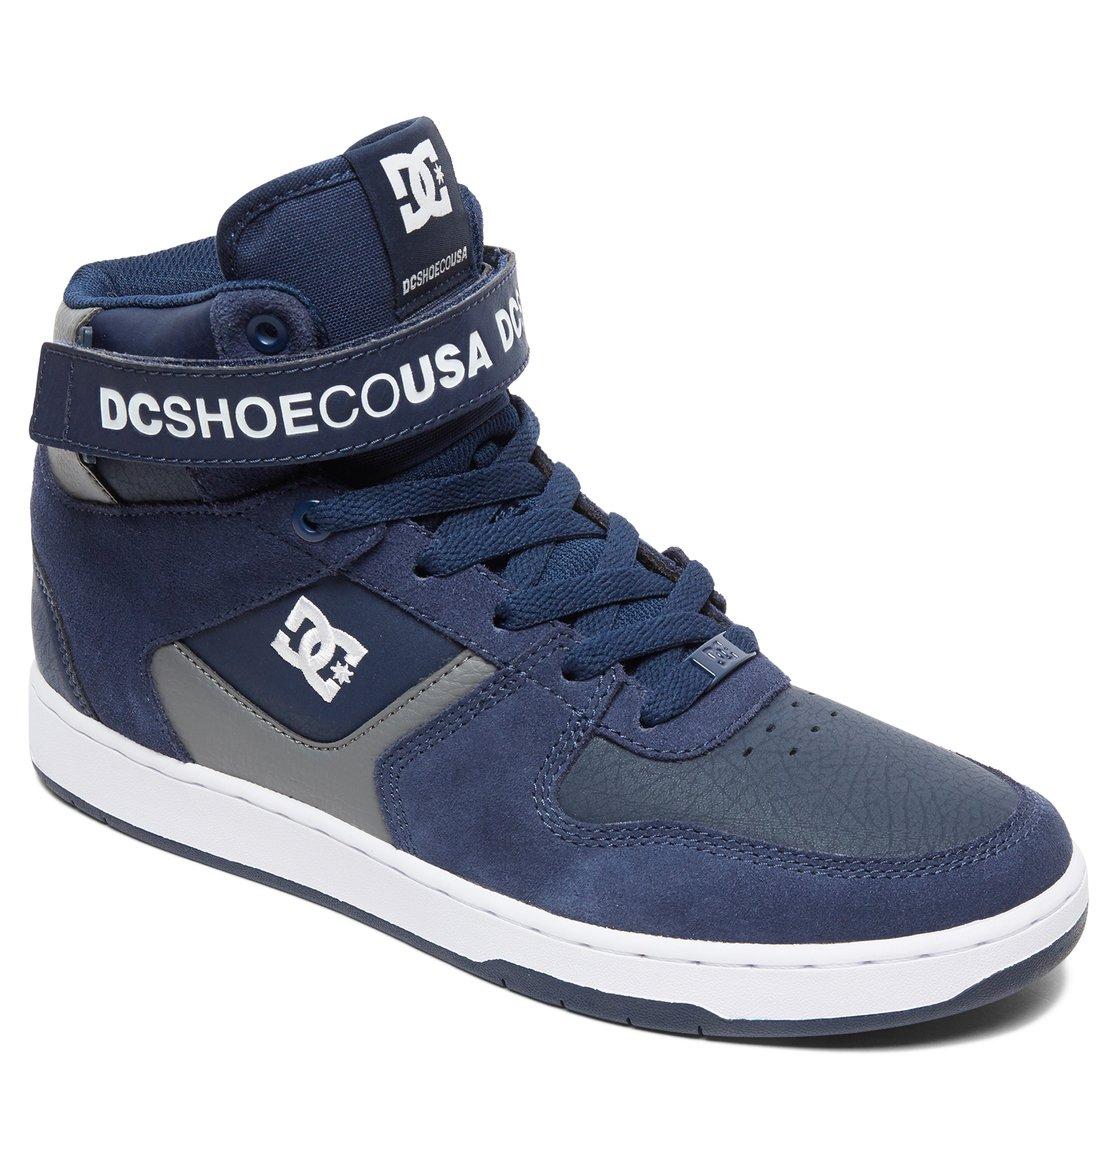 DC schuhe™ Pensford Pensford Pensford High Top Schuhe für